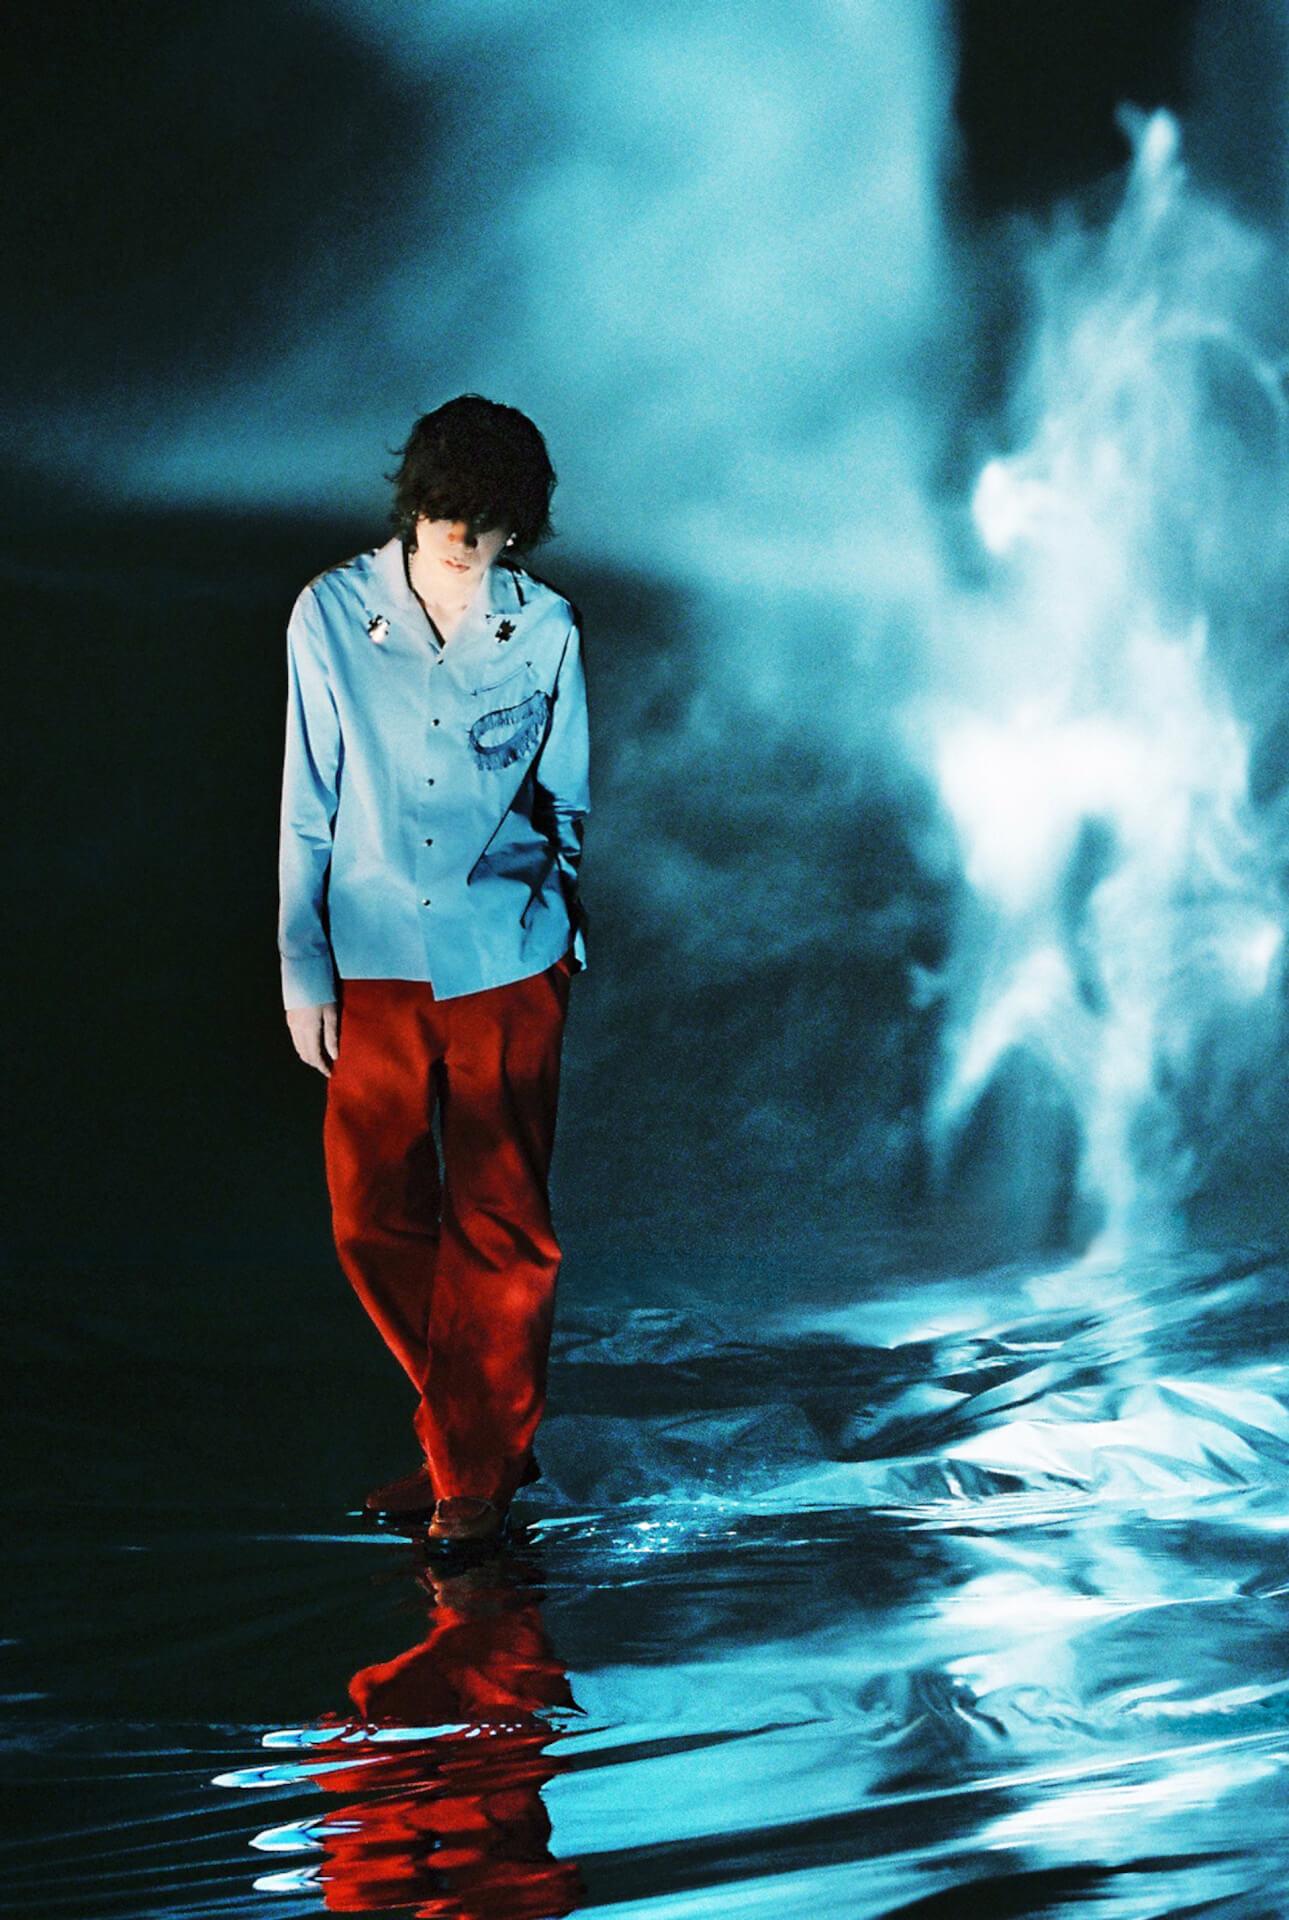 米津玄師ニューシングル『Pale Blue』発売記念!「#トケチャレ」ブースがCDショップで展開決定 music210611_yonezukenshi_paleblue_4